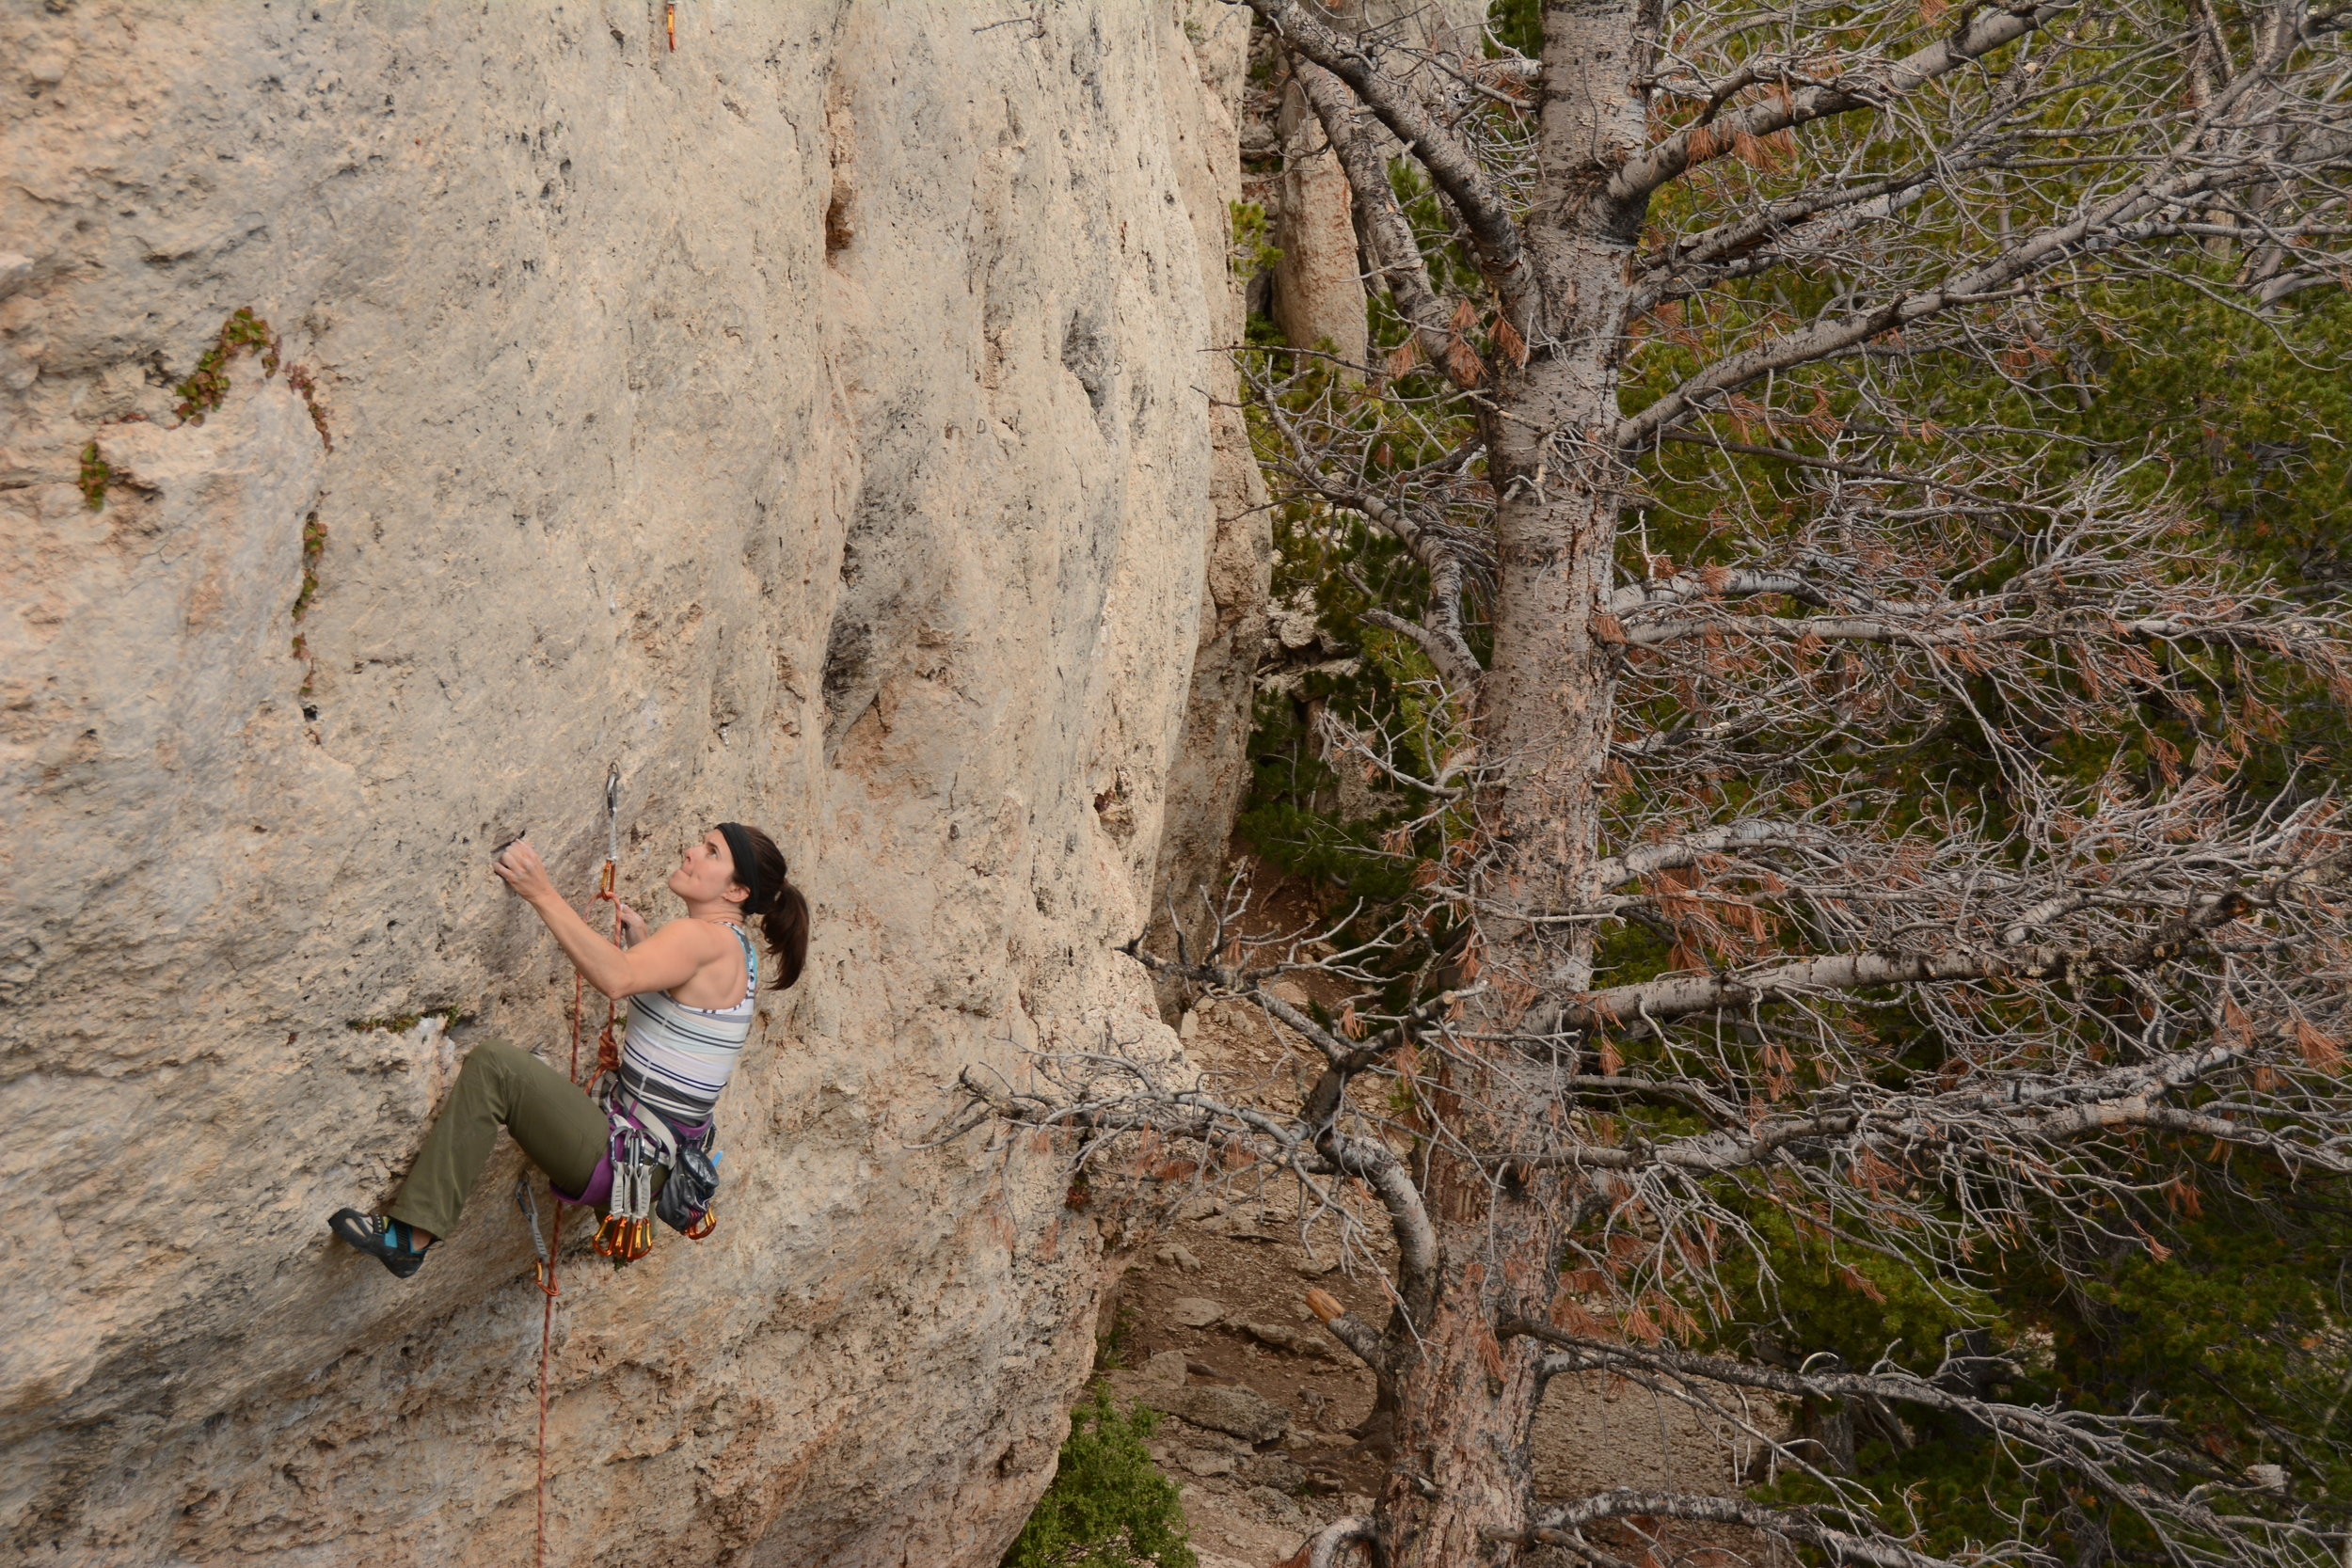 Leslie on Limestone Cowboy in Wild Iris. Photo by Erik Christensen.